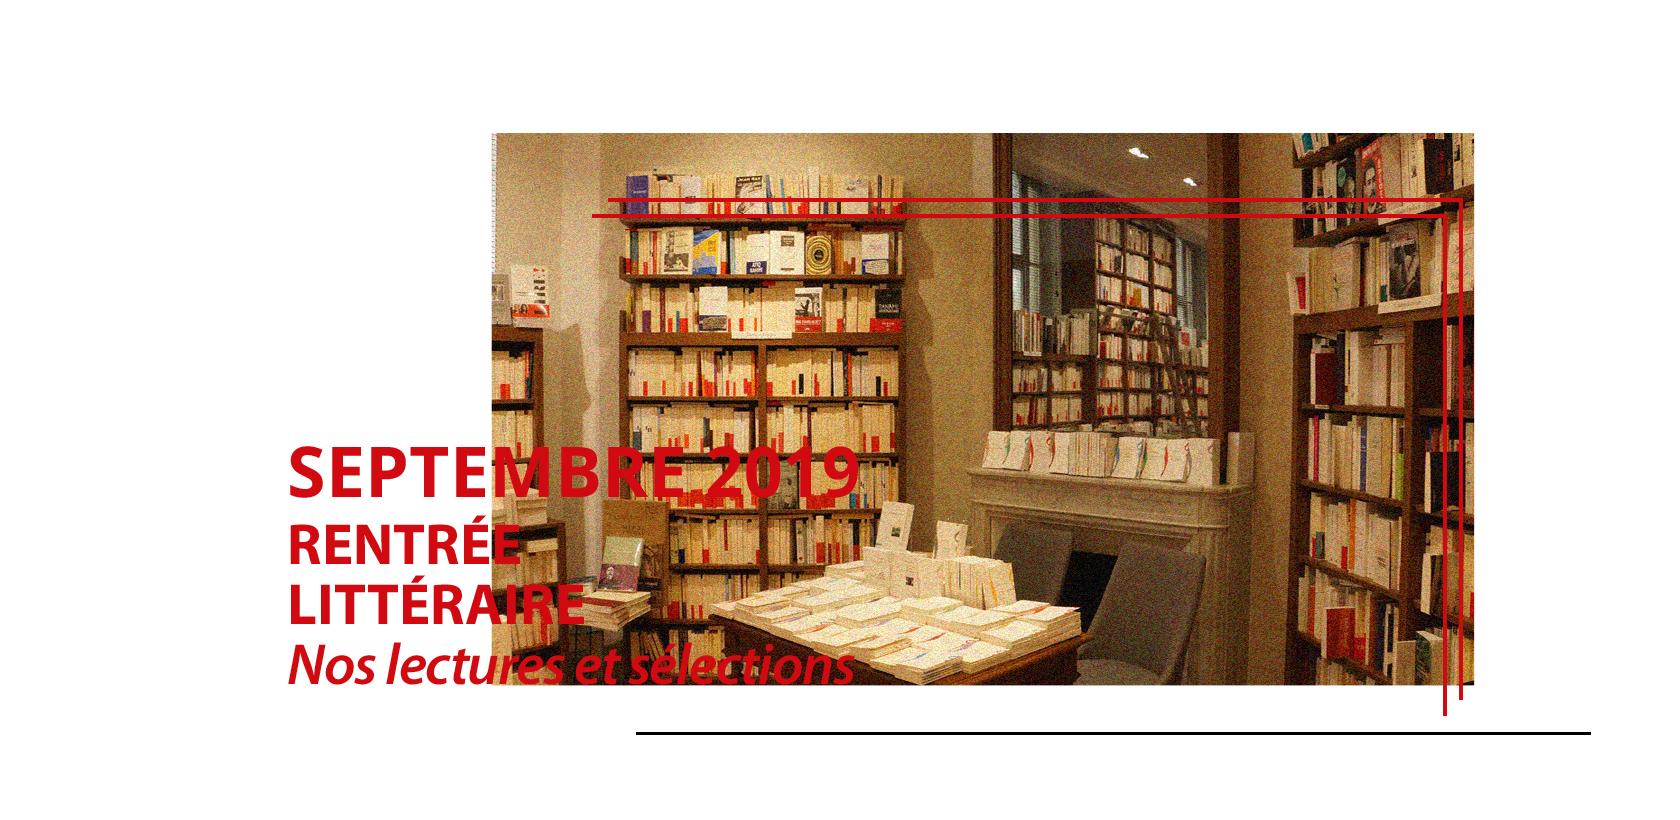 Rentrée littéraire 2019 à la librairie Gallimard